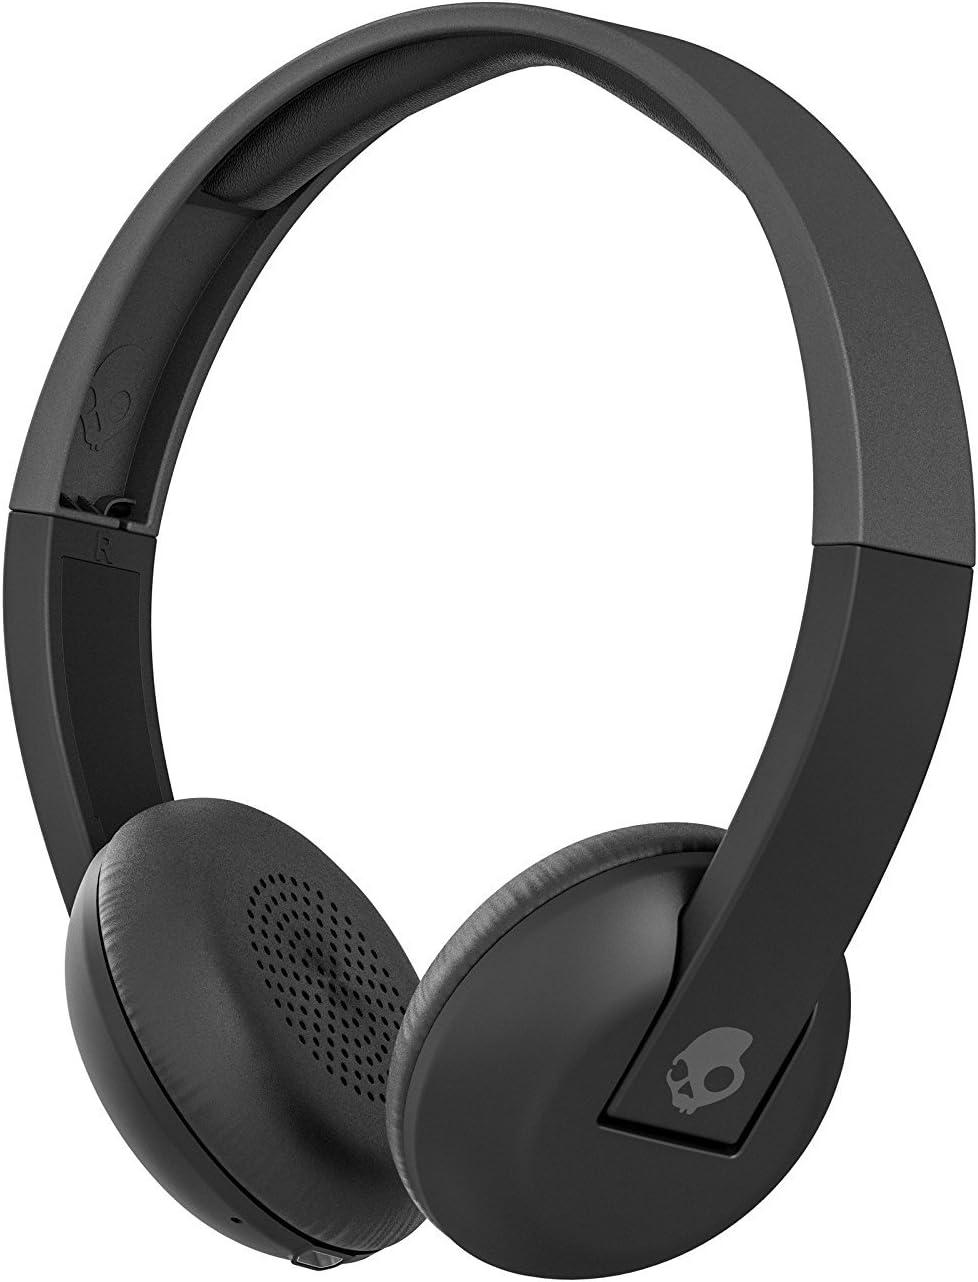 Skullcandy Uproar Wireless Bluetooth Headphones W/Mic (Black) - S5URHW-509™